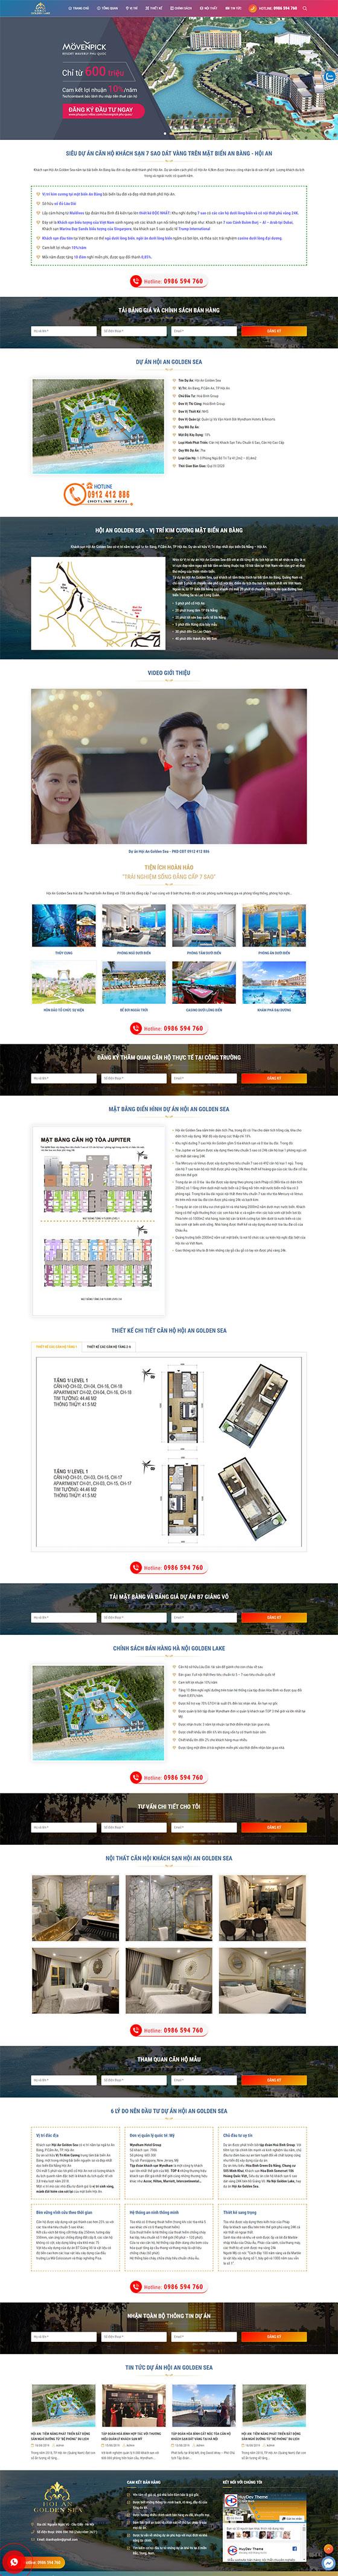 Trang chủ mẫu landing page bất động sản 07